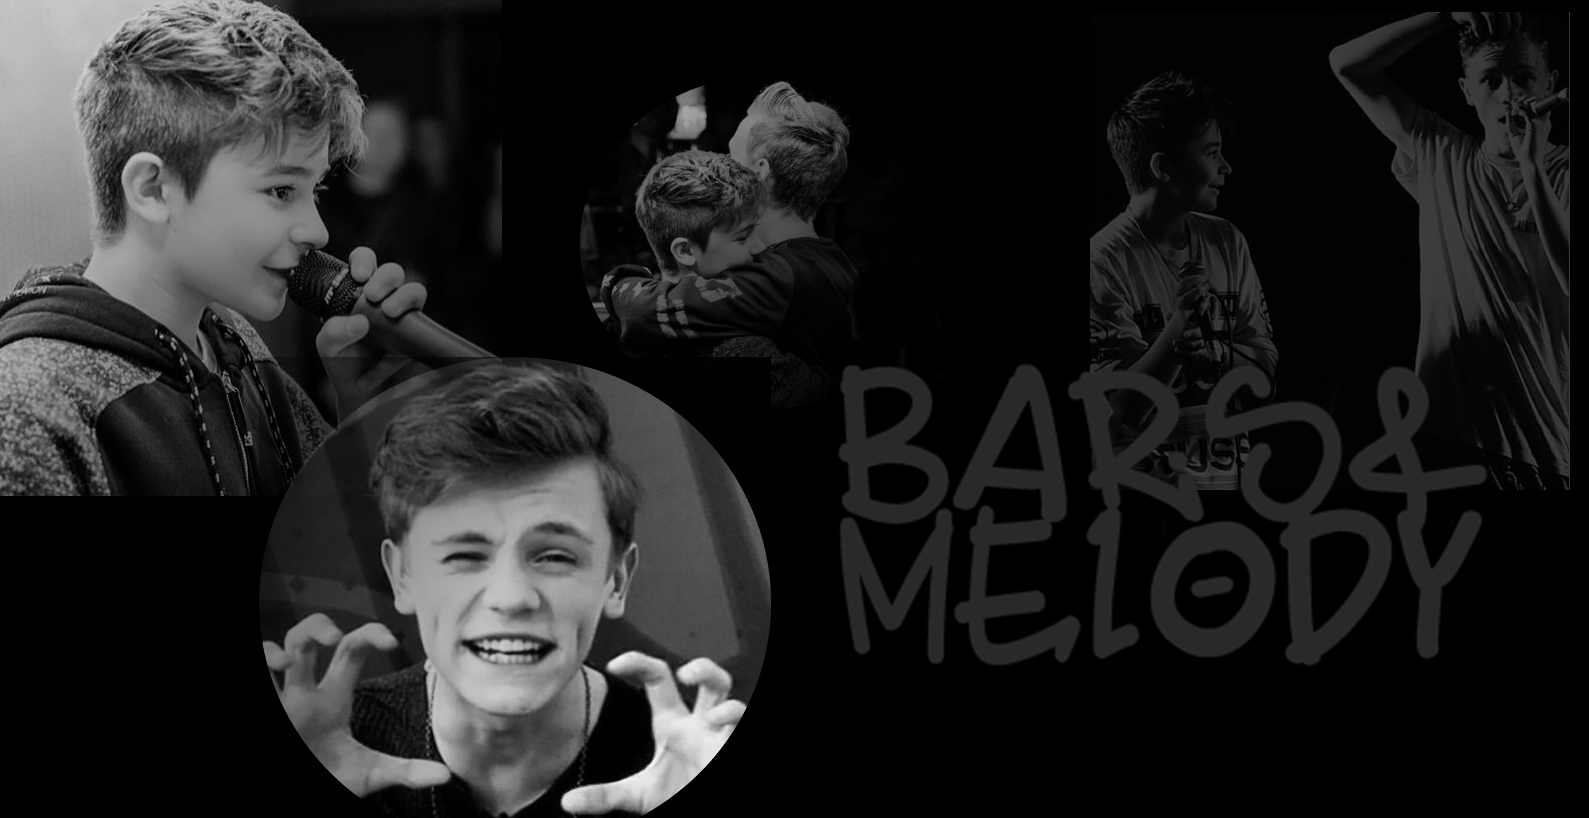 Bars&Melody